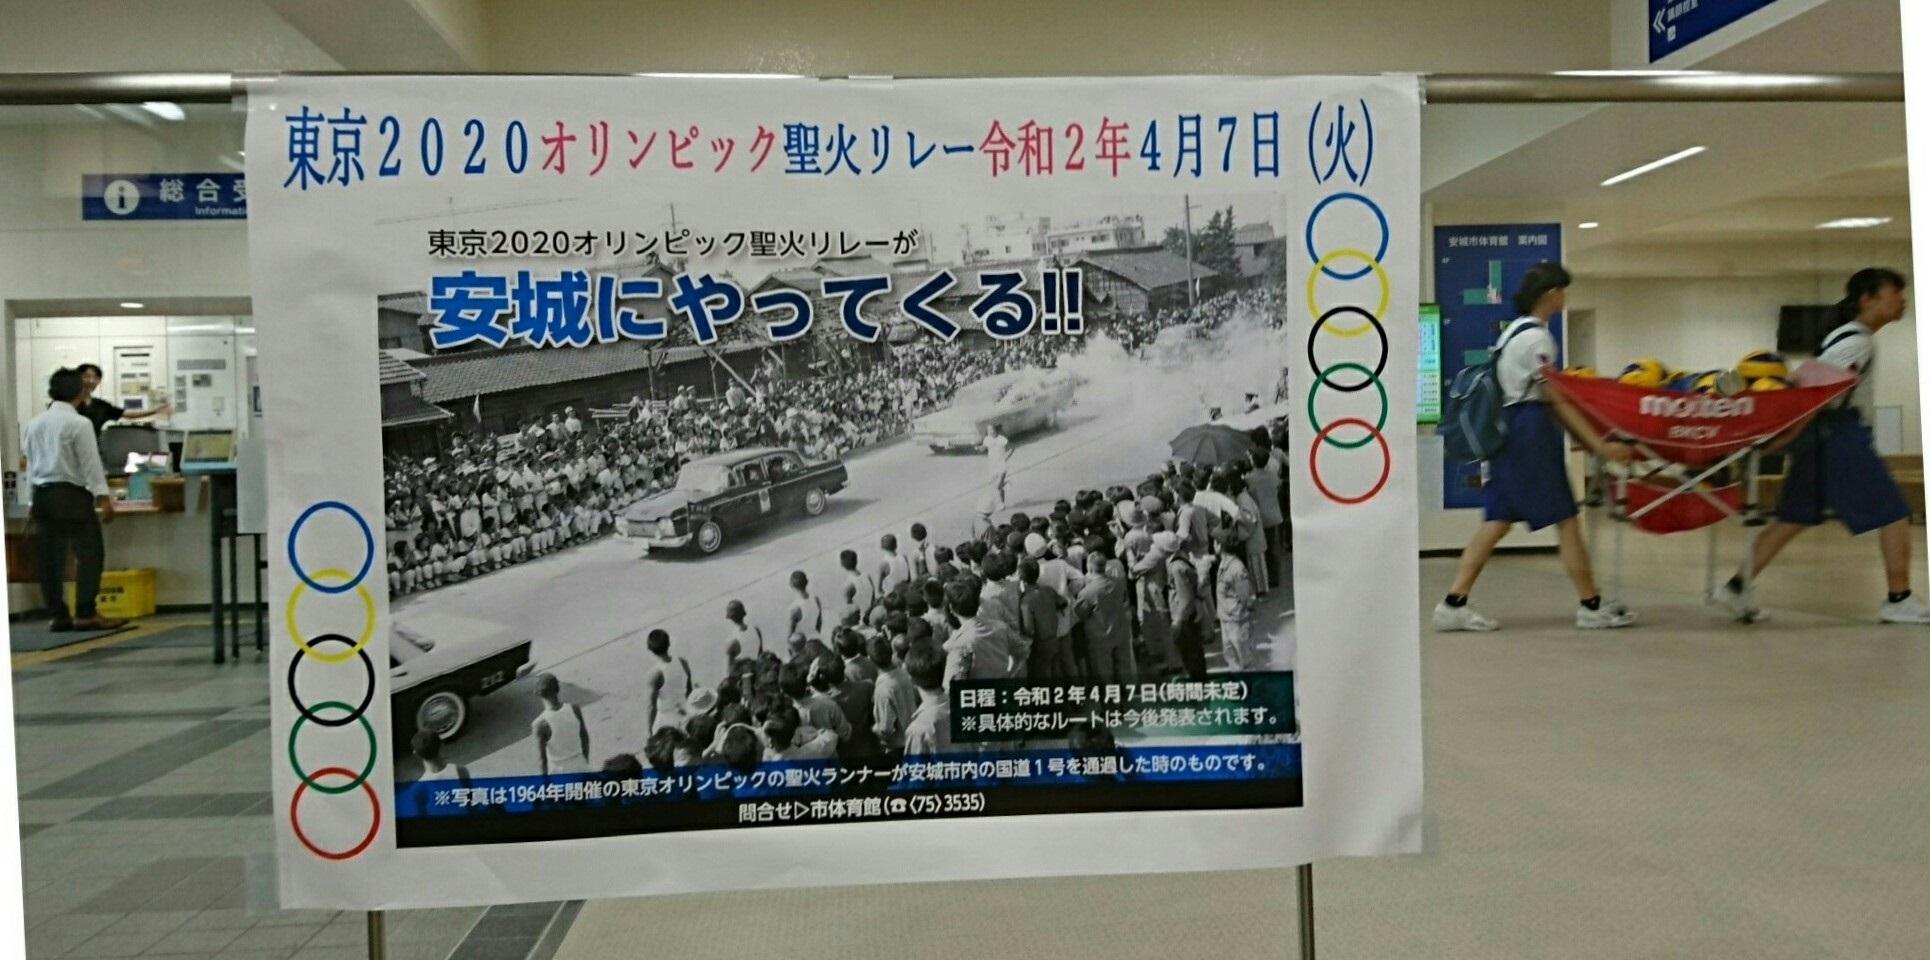 2019.7.4 東京2020オリンピック聖火リレーがあんじょうにやってくる! 1930-960